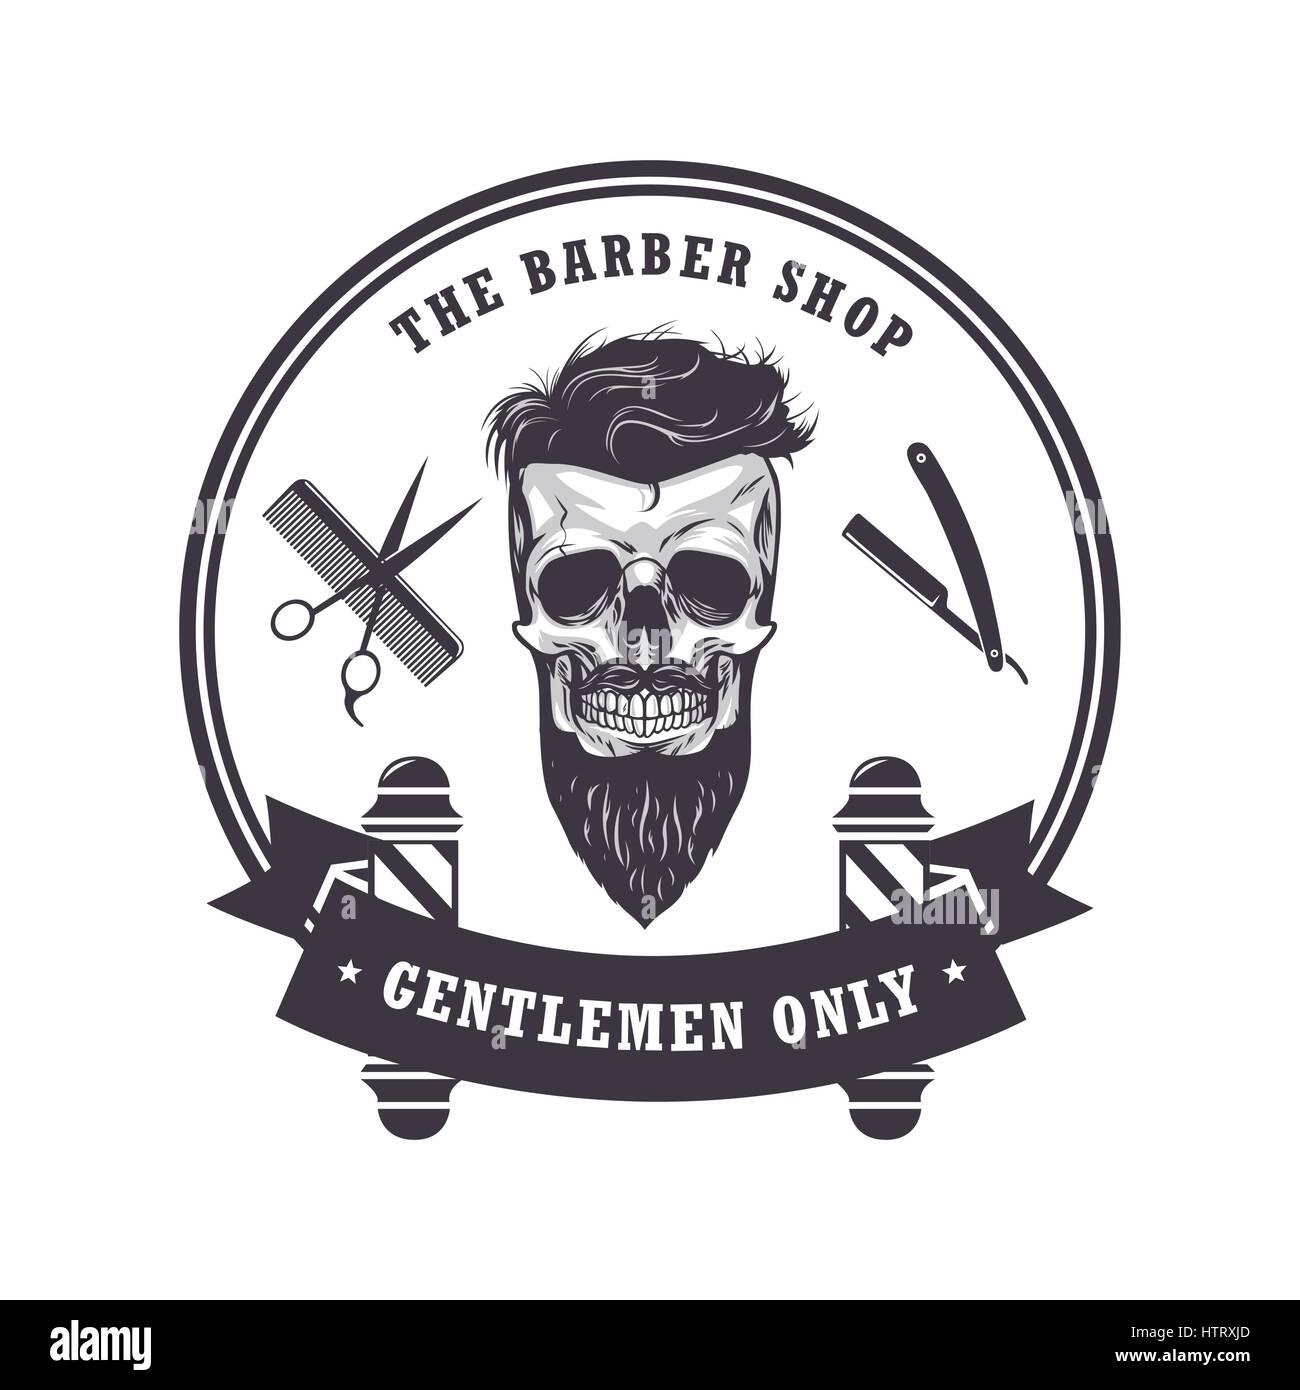 Clip art vector of vintage barber shop logo graphics and icon vector - Skull Barber Shop Logo Retro Vintage Design Template Vector Illustration